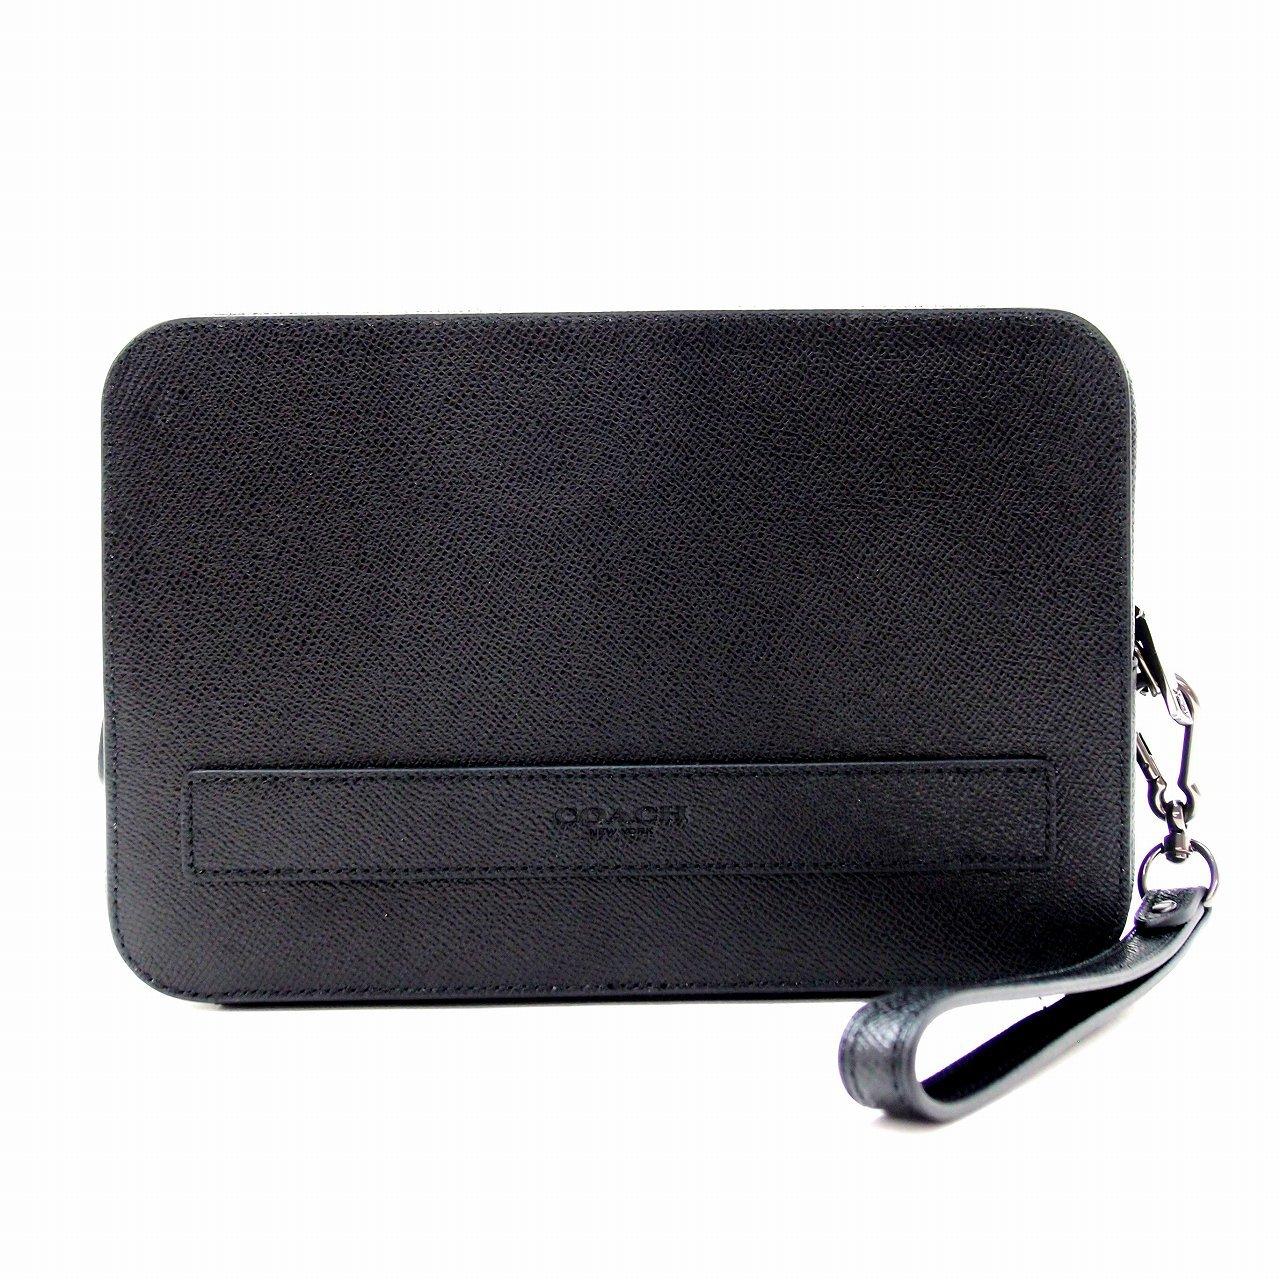 [コーチ] COACH バッグ メンズ セカンドバッグ クラッチバッグ 財布 セカンドポーチ 59117BLK [アウトレット品][平行輸入品] [並行輸入品] B07BBNQB85